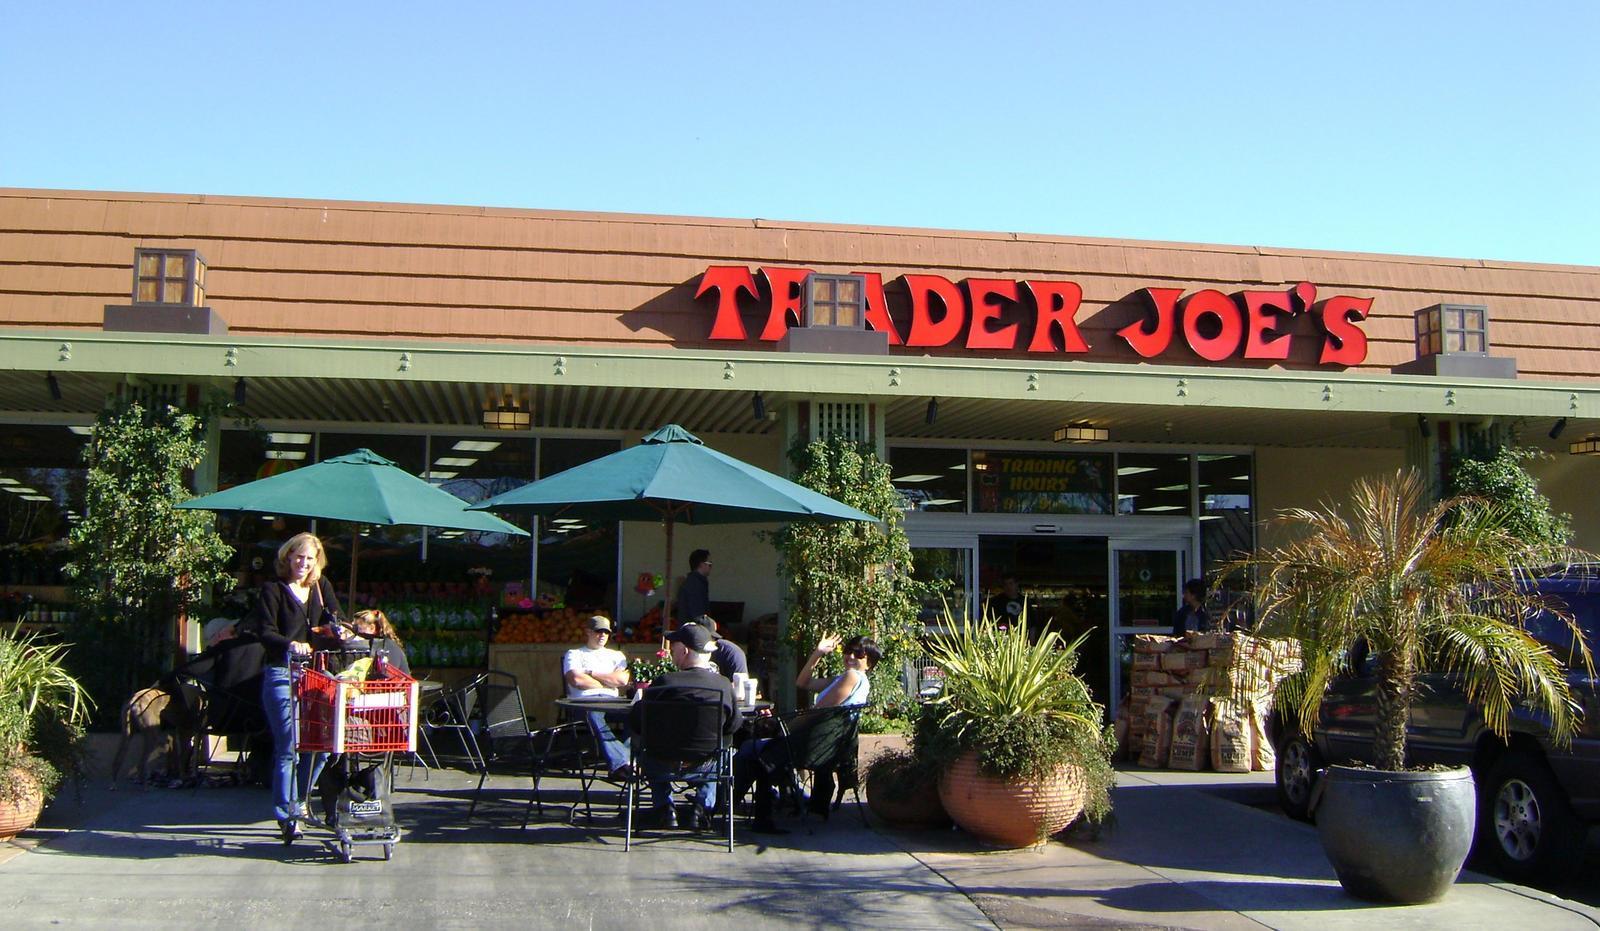 Trader Joe's – Mon Fournisseur Incontournable de Bons Produits aux USA